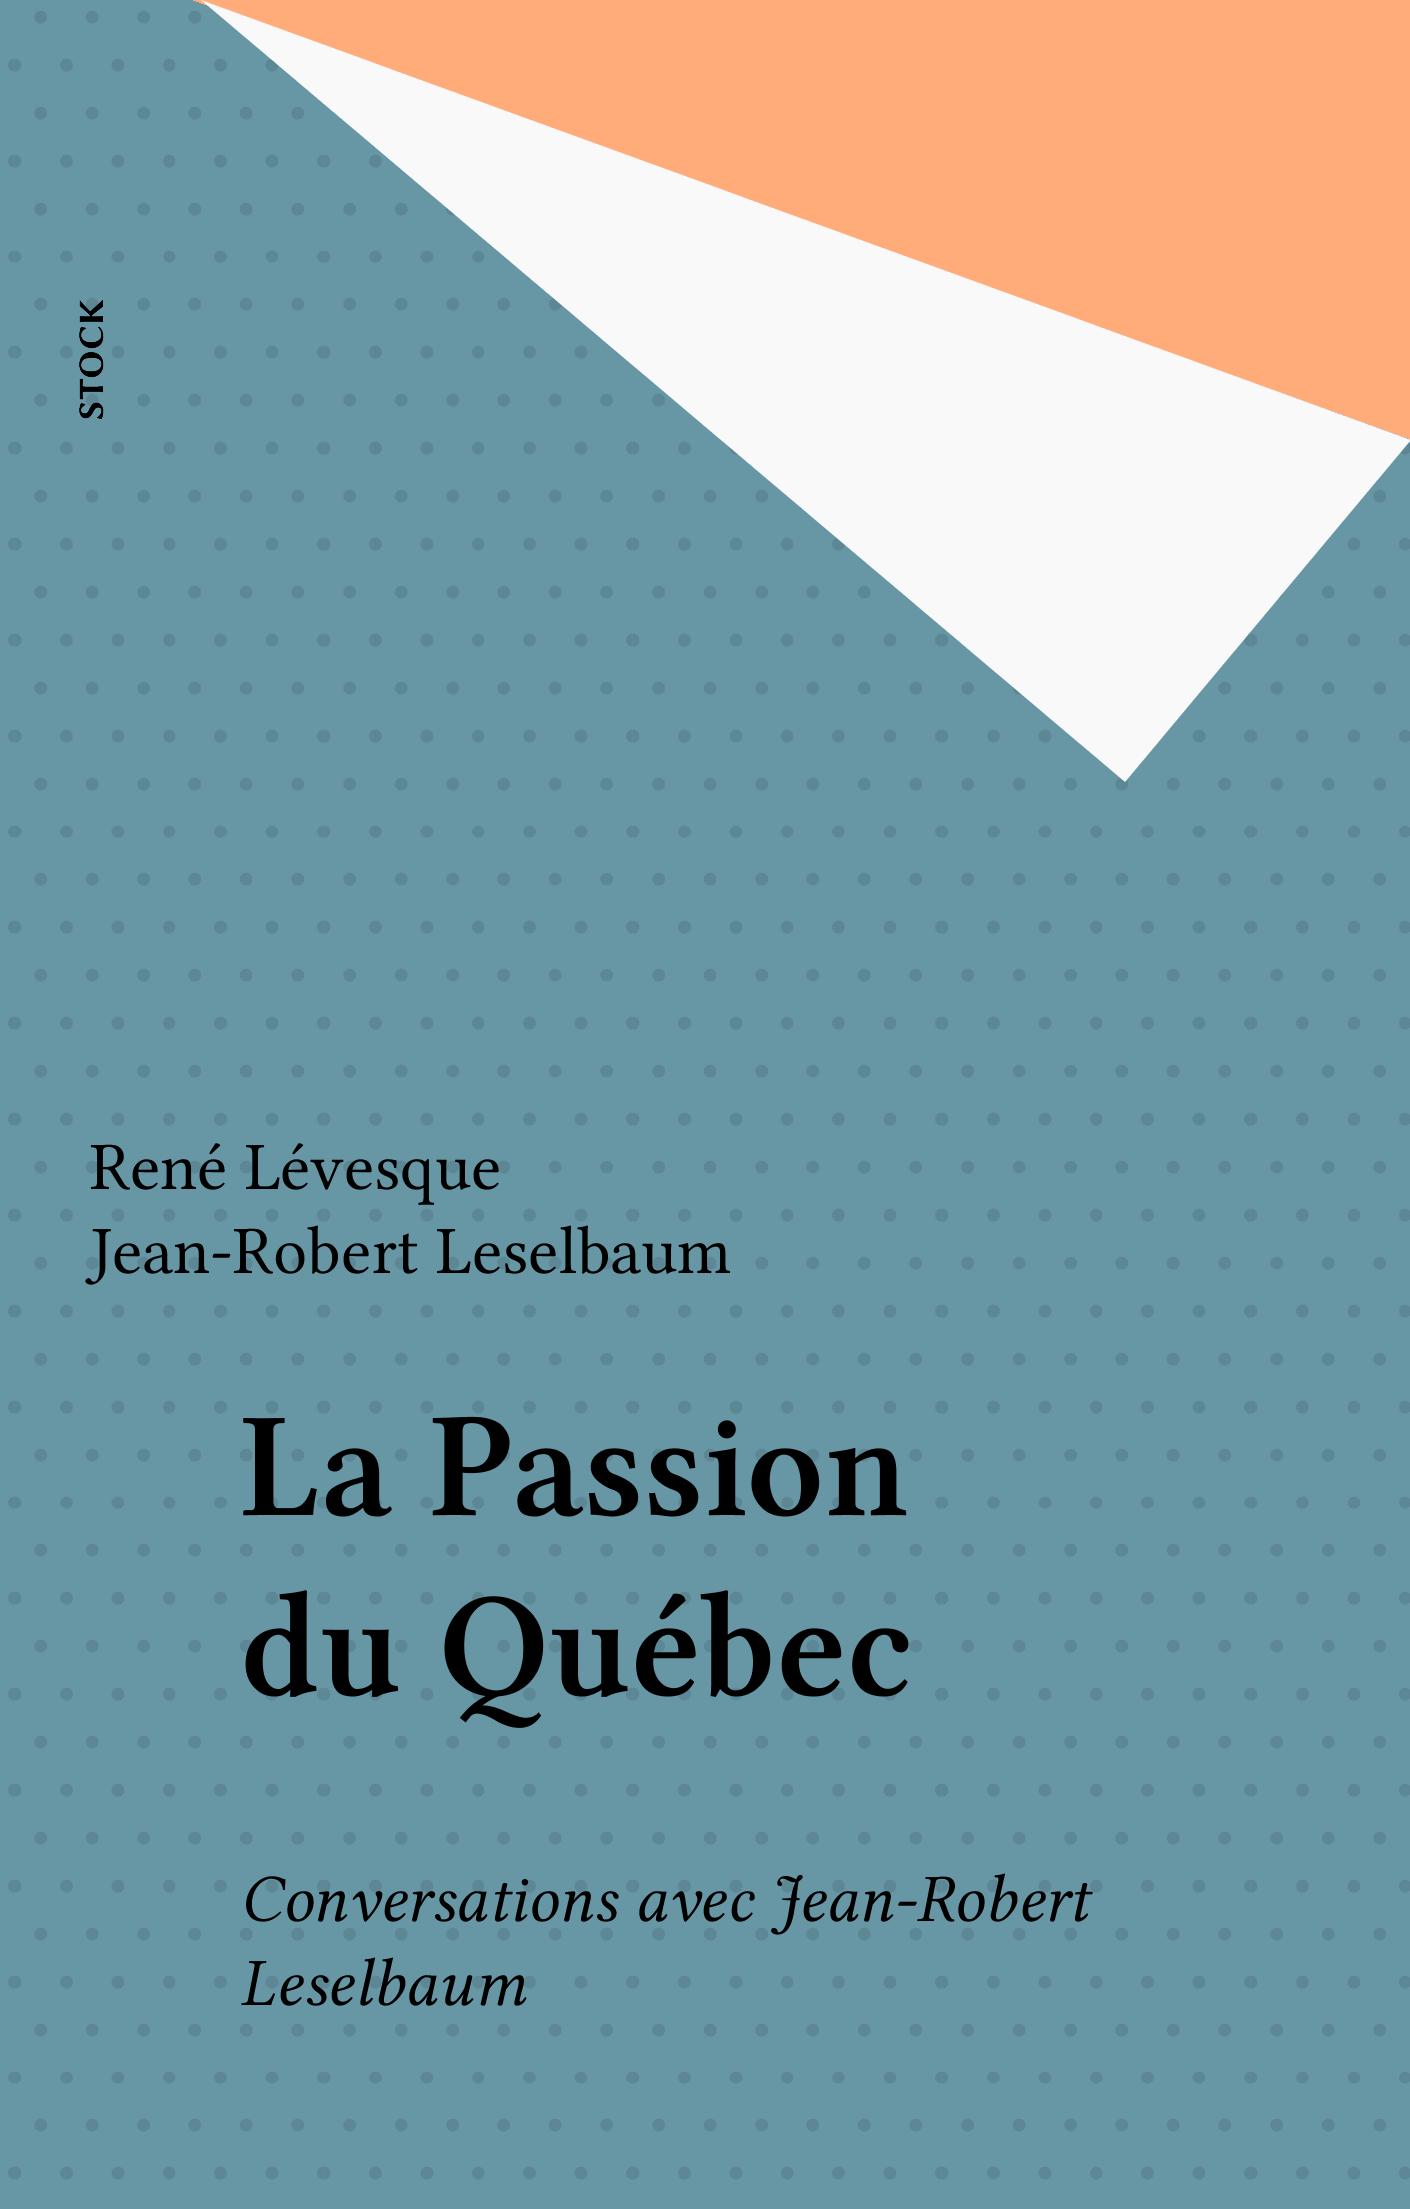 La Passion du Québec, CONVERSATIONS AVEC JEAN-ROBERT LESELBAUM